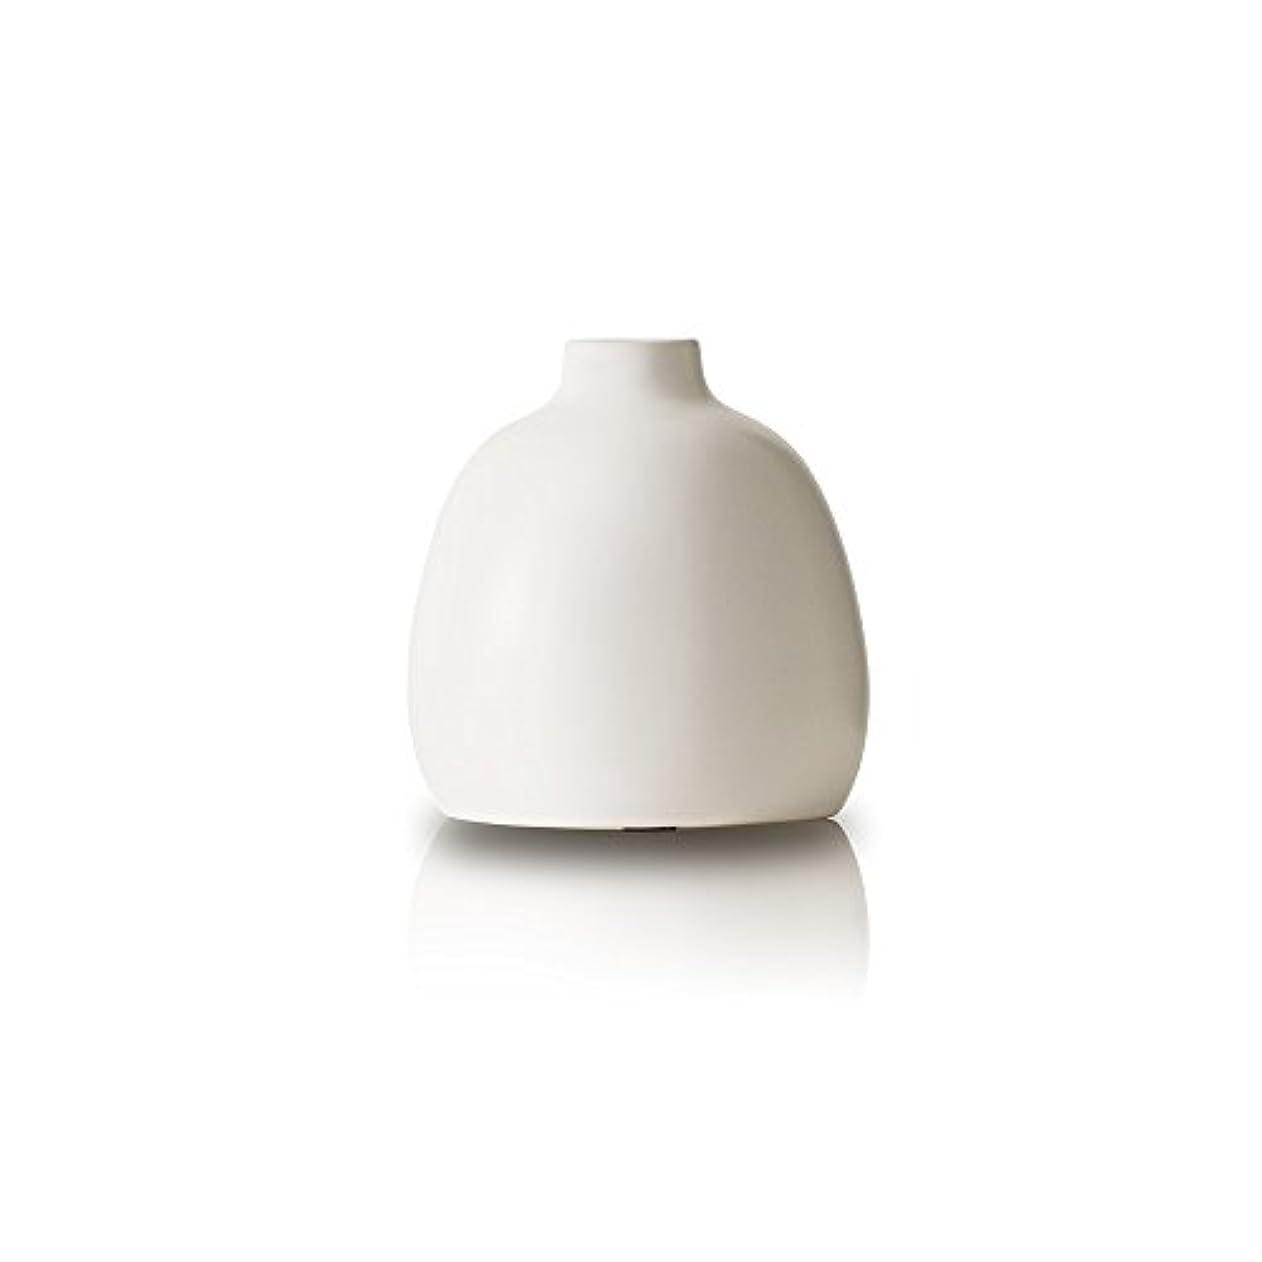 機転阻害する戻るOnlili 陶器 アロマディフューザー ホワイト